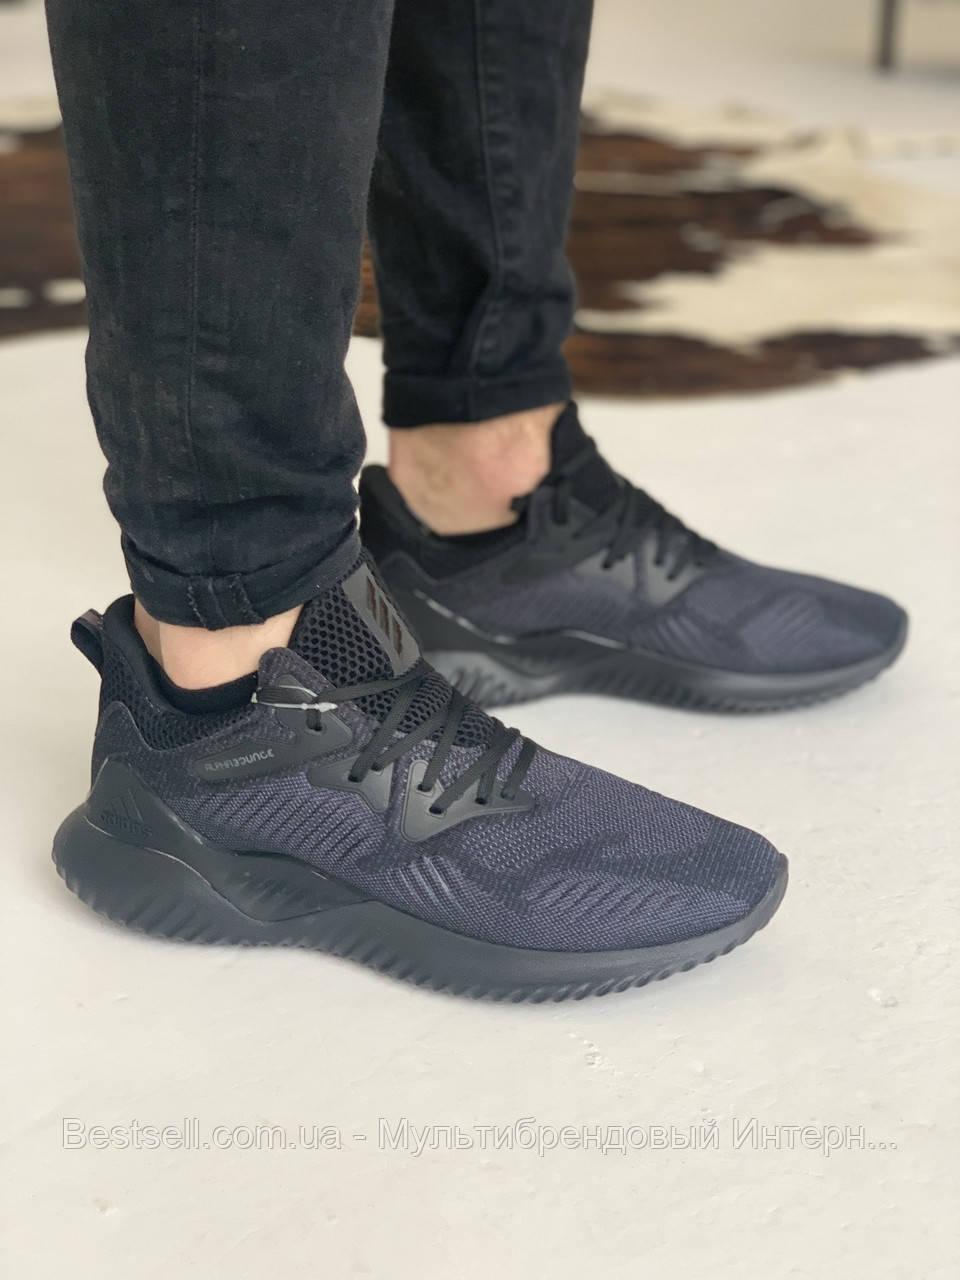 Кросівки Adidas Alphabounce Instinct Black Адідас Альфабаунс Інстинкт Чорні (41,42,43,44,45)